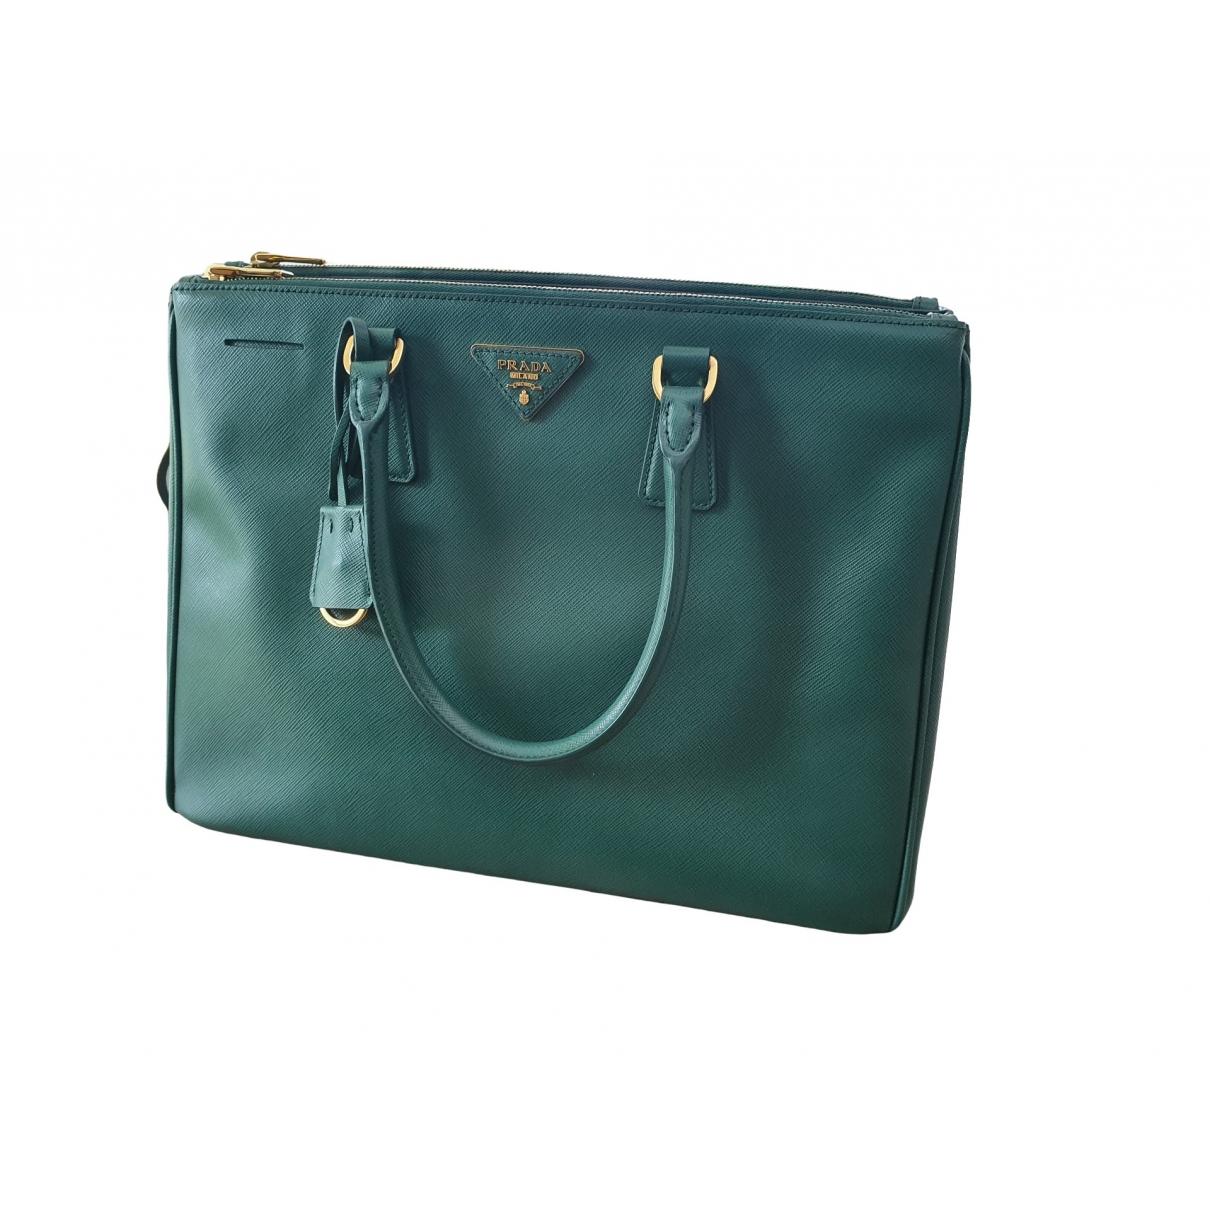 Prada - Sac a main Galleria pour femme en cuir - vert